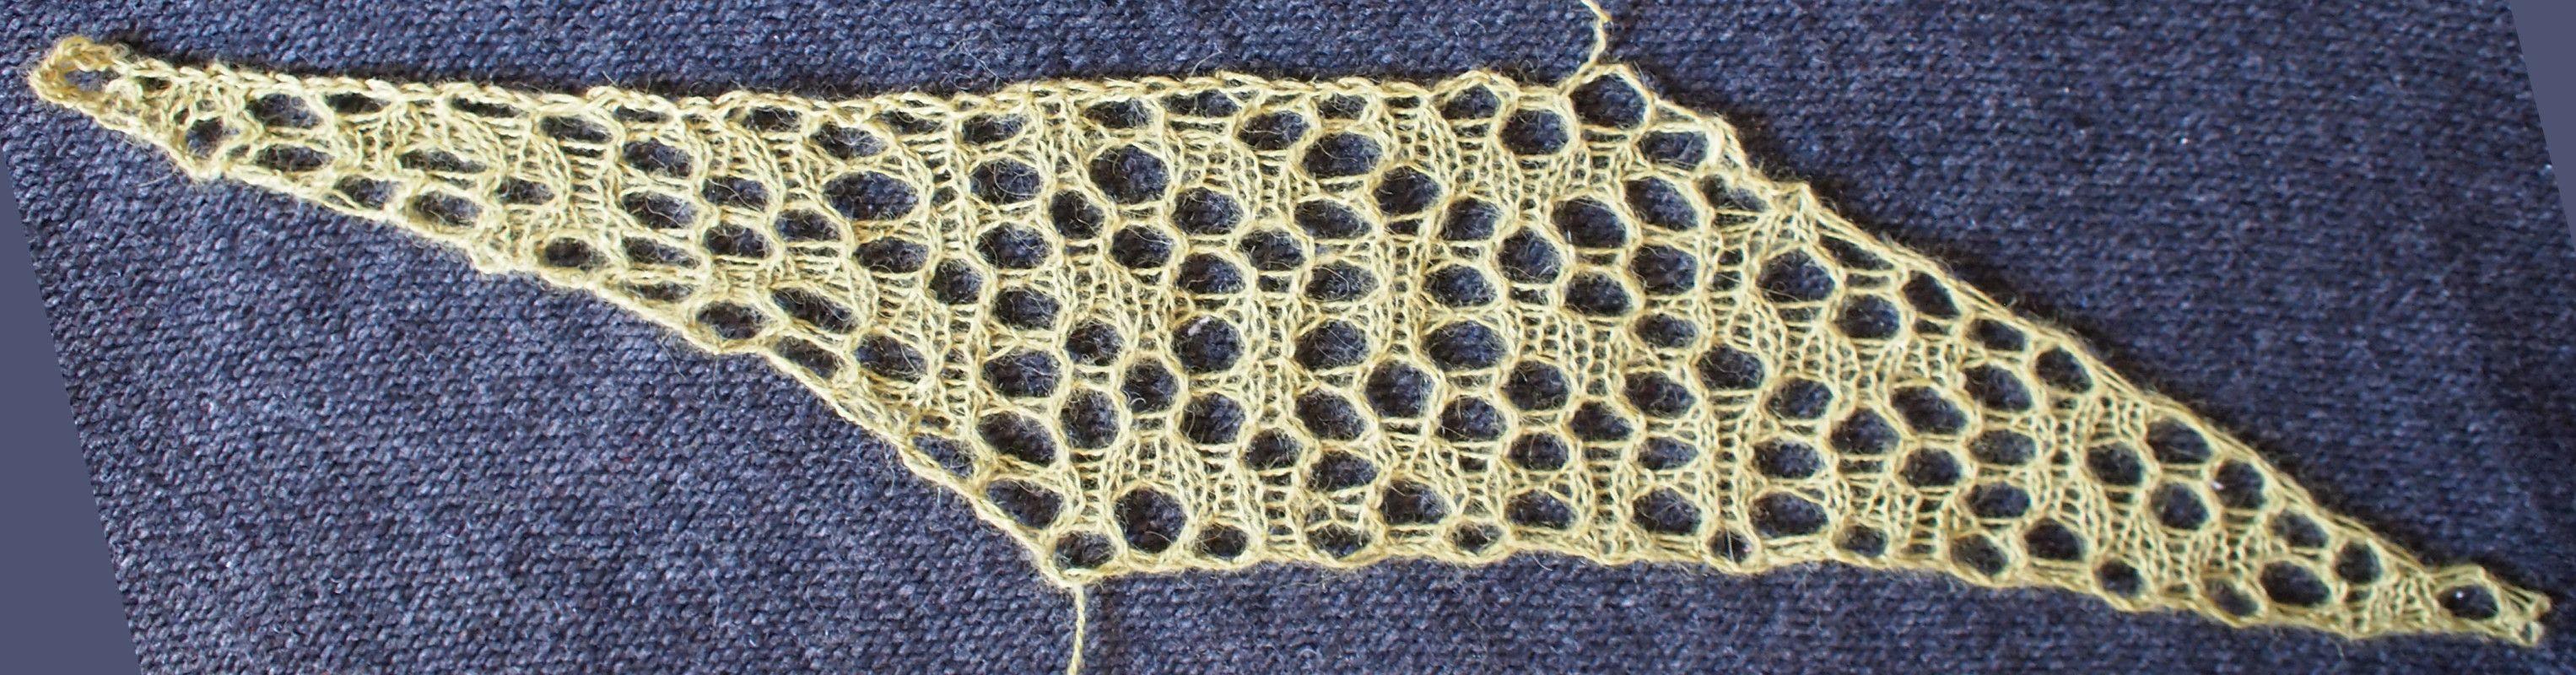 Prism: a free lace knitting stitch pattern | SWzory | Pinterest ...